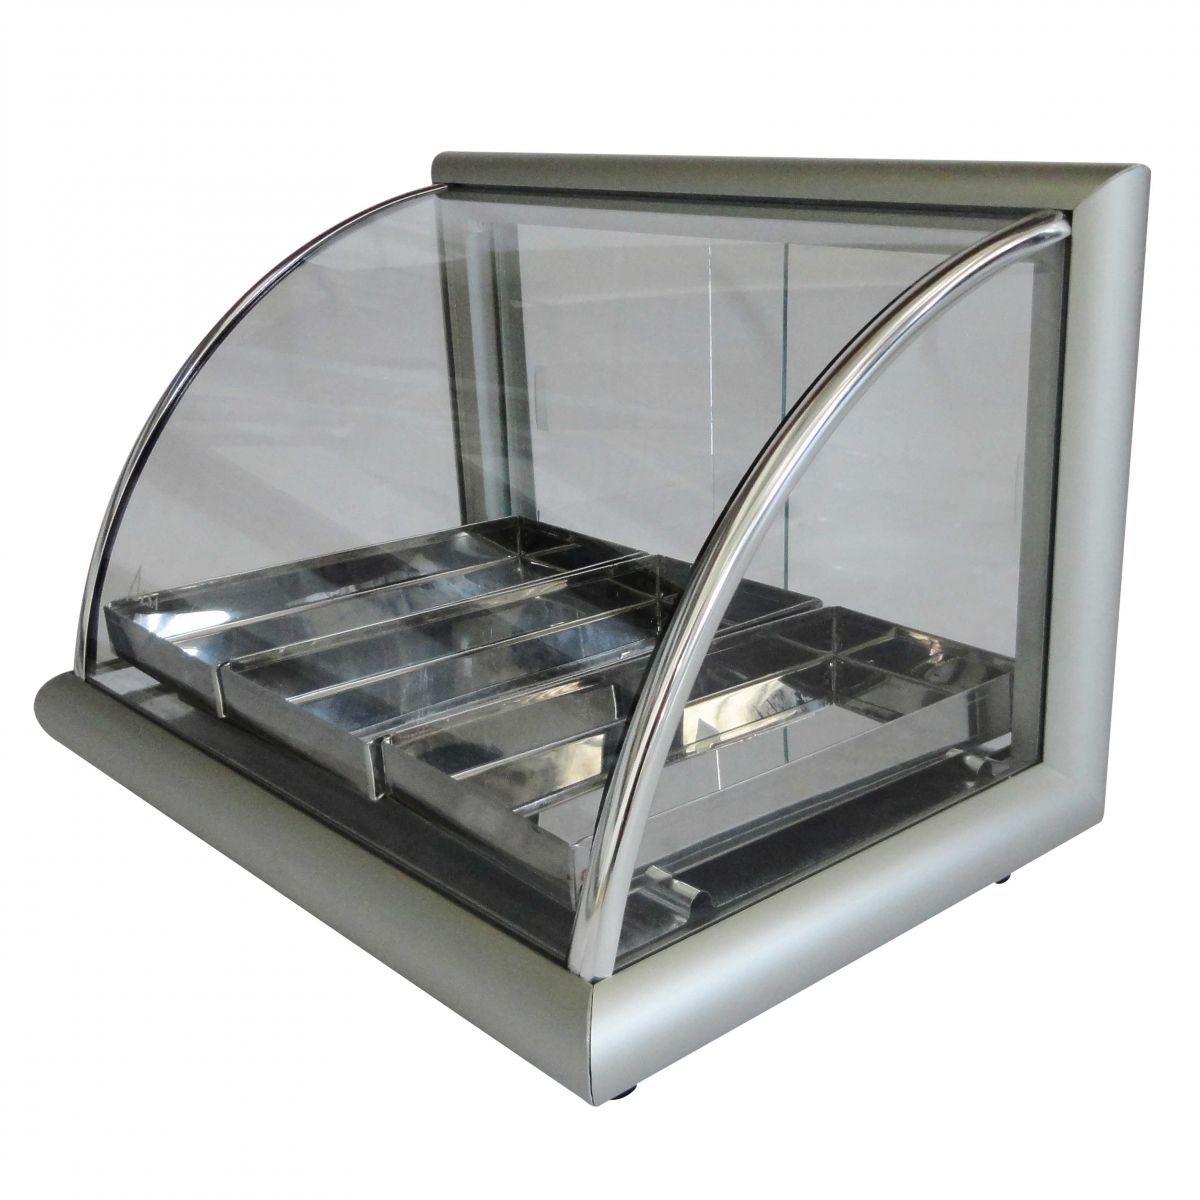 Estufa de Salgados com 3 Bandejas em Alumínio Anodizado